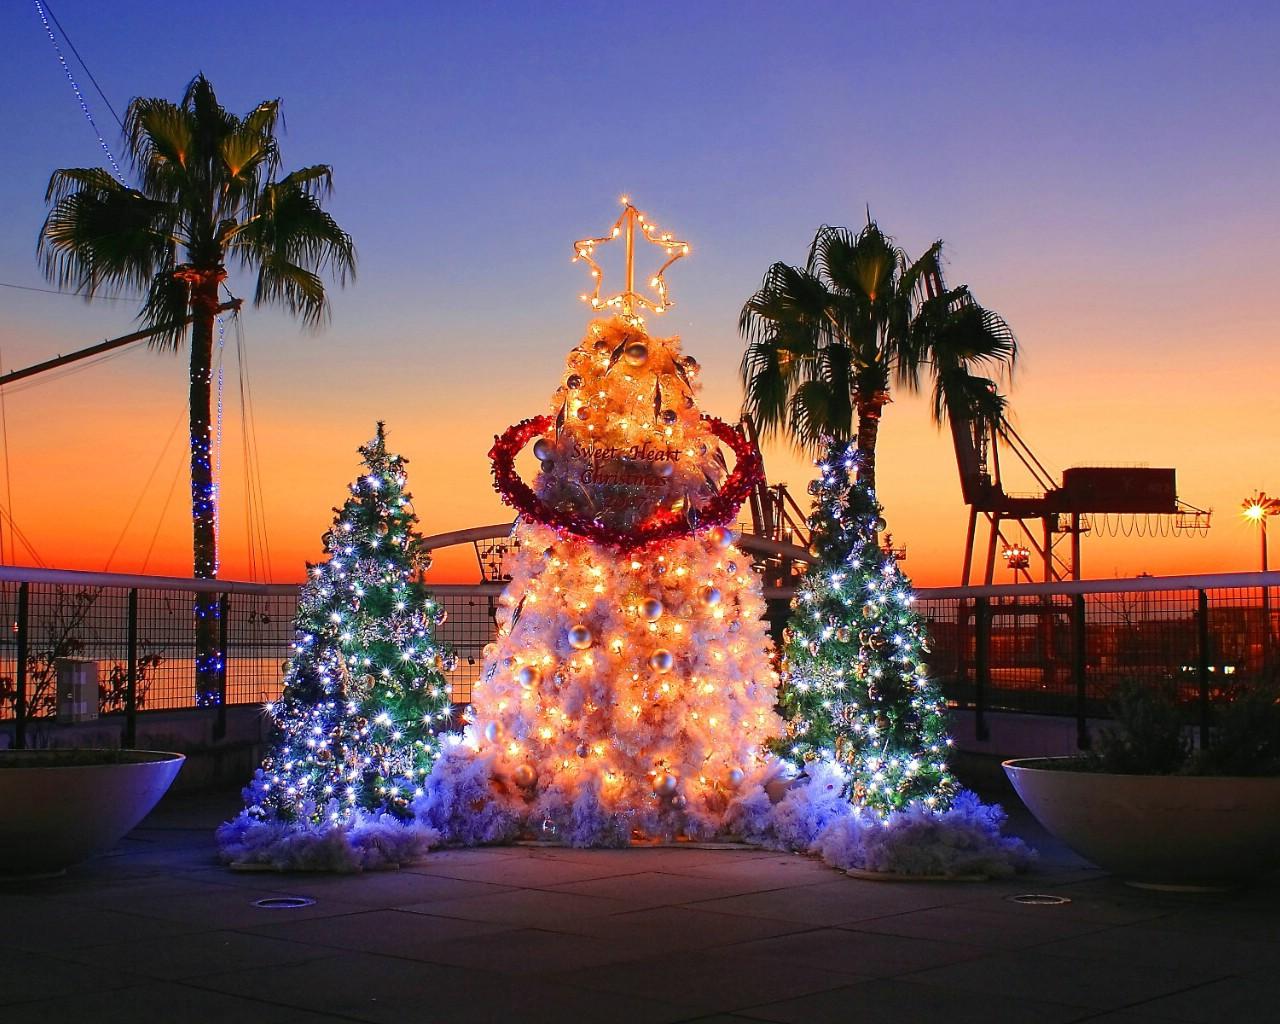 夜景壁纸1440×900时与光 高速公路夜晚圣诞夜景夜间灿烂美丽的极光